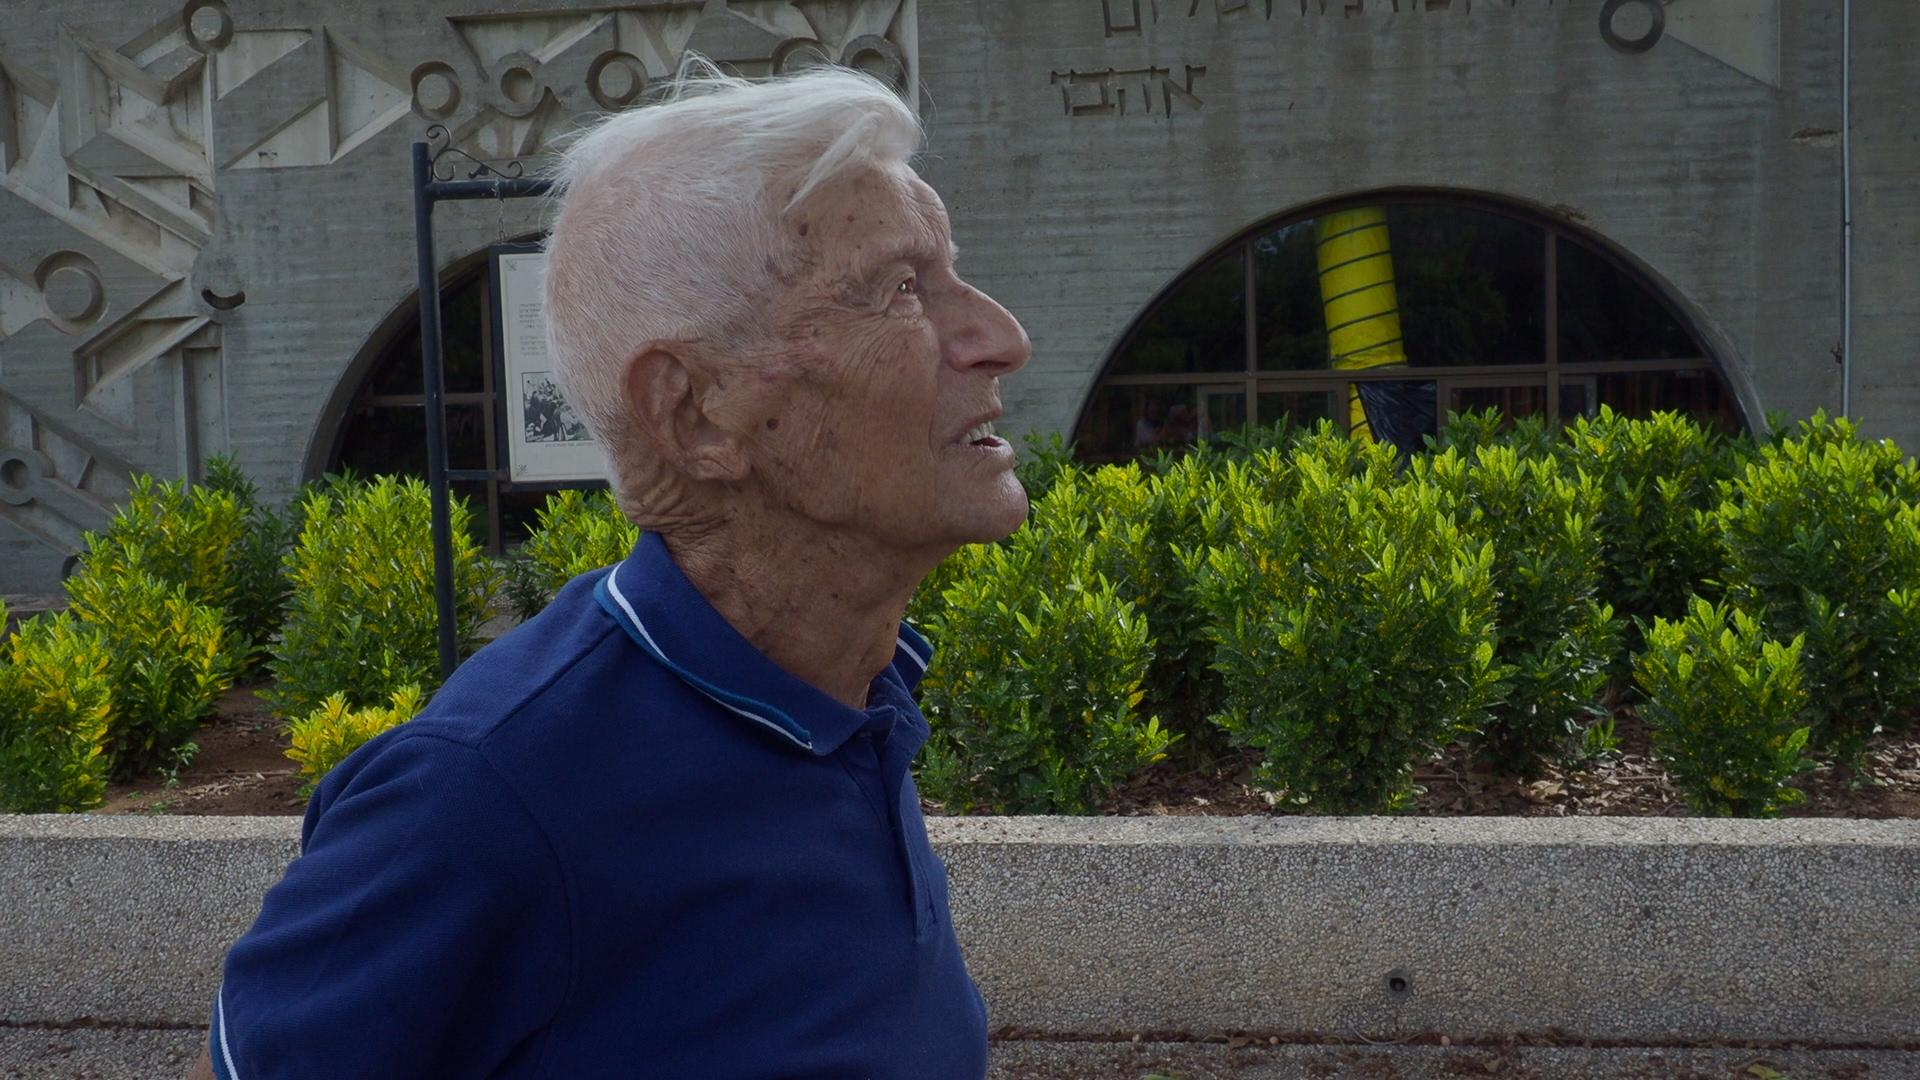 Documentaire Frans Bromet over voormalig Joods werkdorp in de Wieringemeer